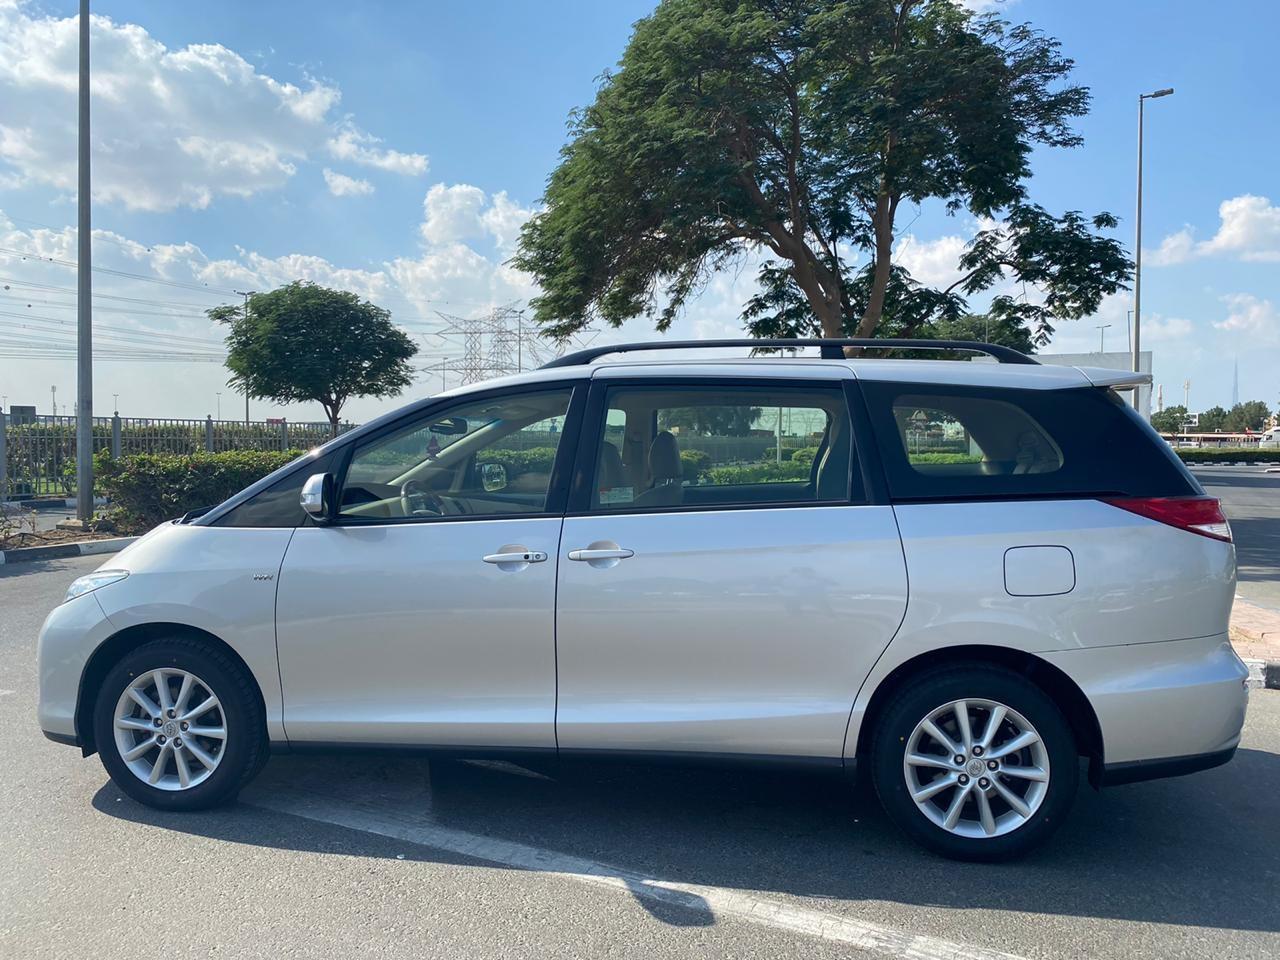 Kelebihan Kekurangan Toyota Previa 2018 Spesifikasi